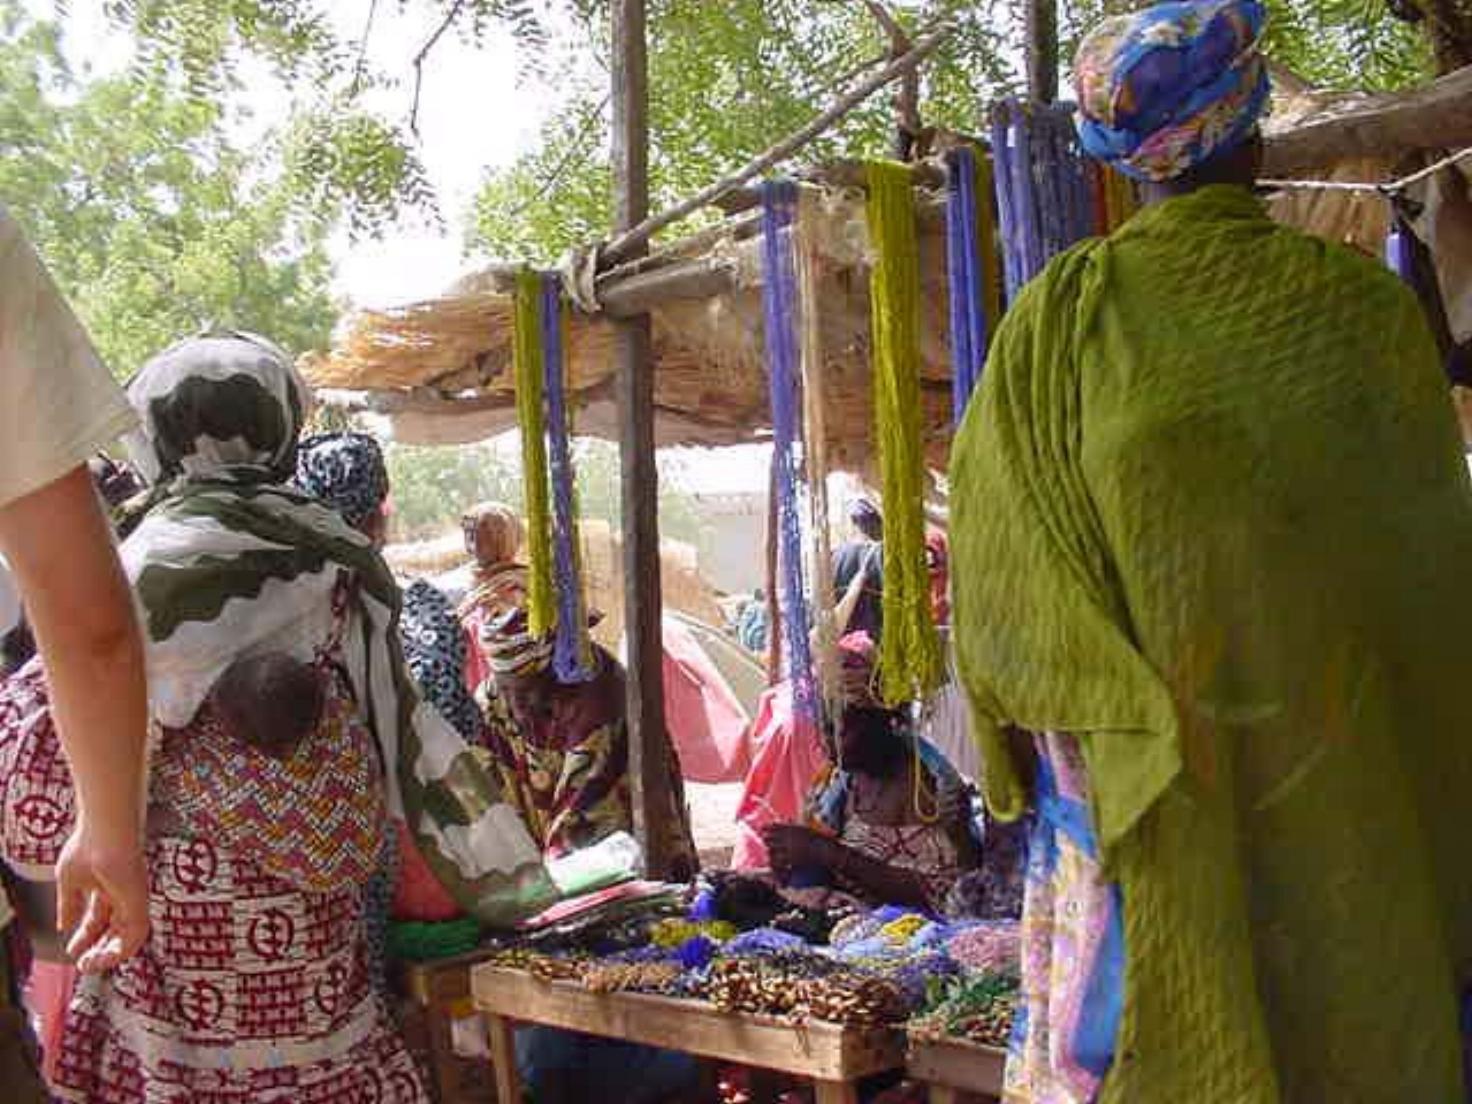 It's market day in Djenne